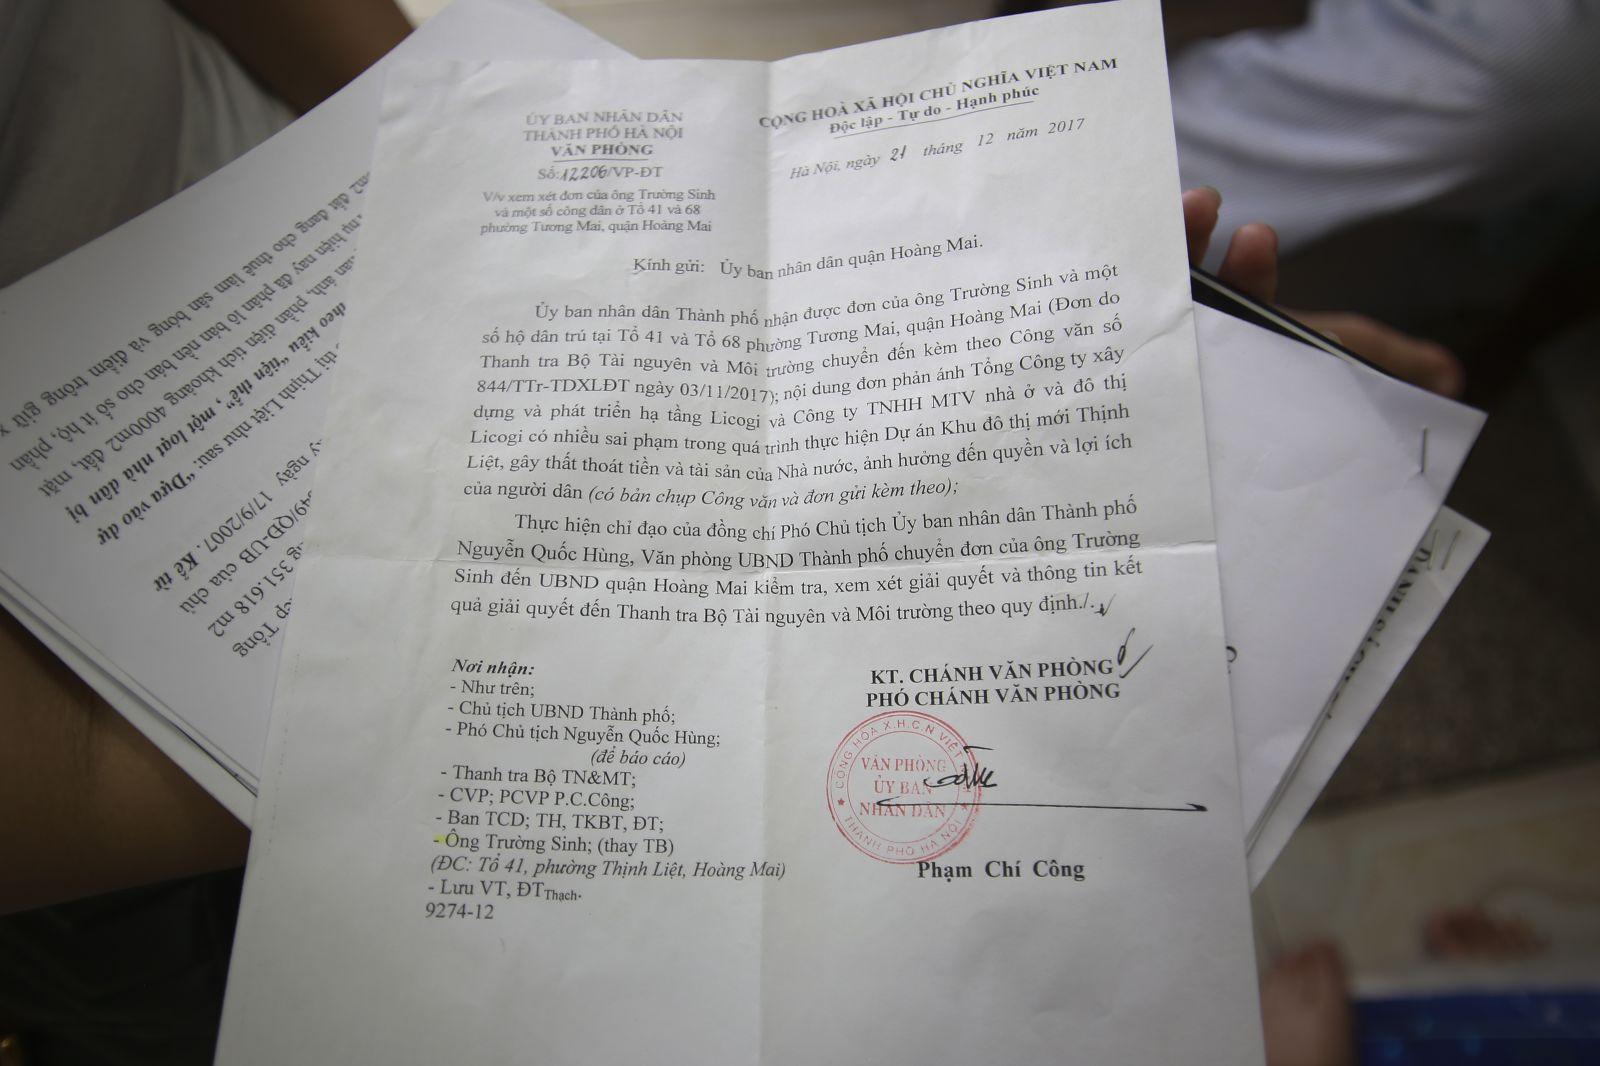 Uỷ ban nhân dân Thành phố Hà Nội có công văn đề nghị UBND Quận Hoàng Mai xem xét, giải quyết những vấn đề liên quan đến dự án Khu đô thị mới Thịnh Liệt.